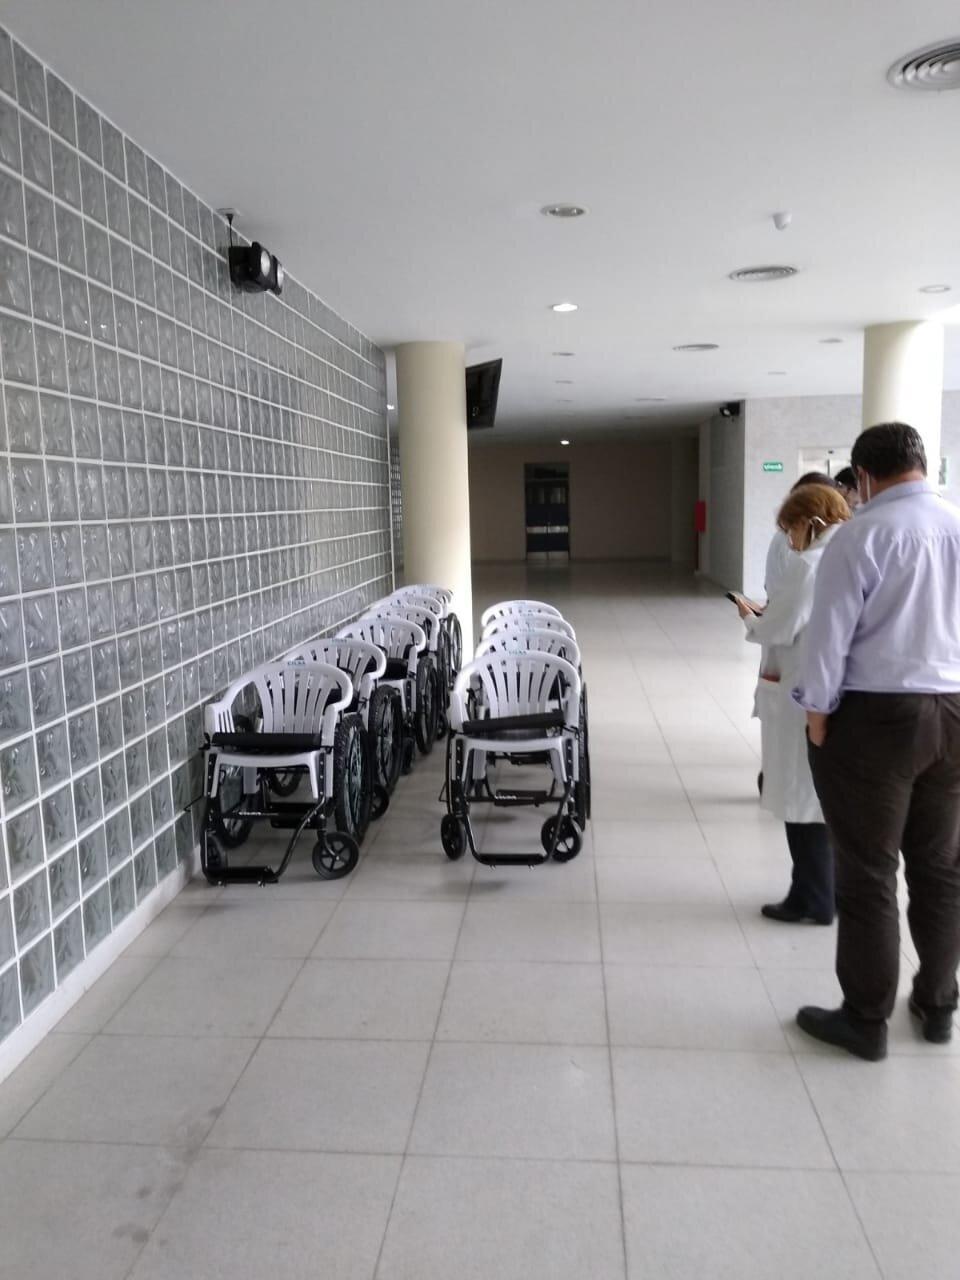 hospital ballestrini